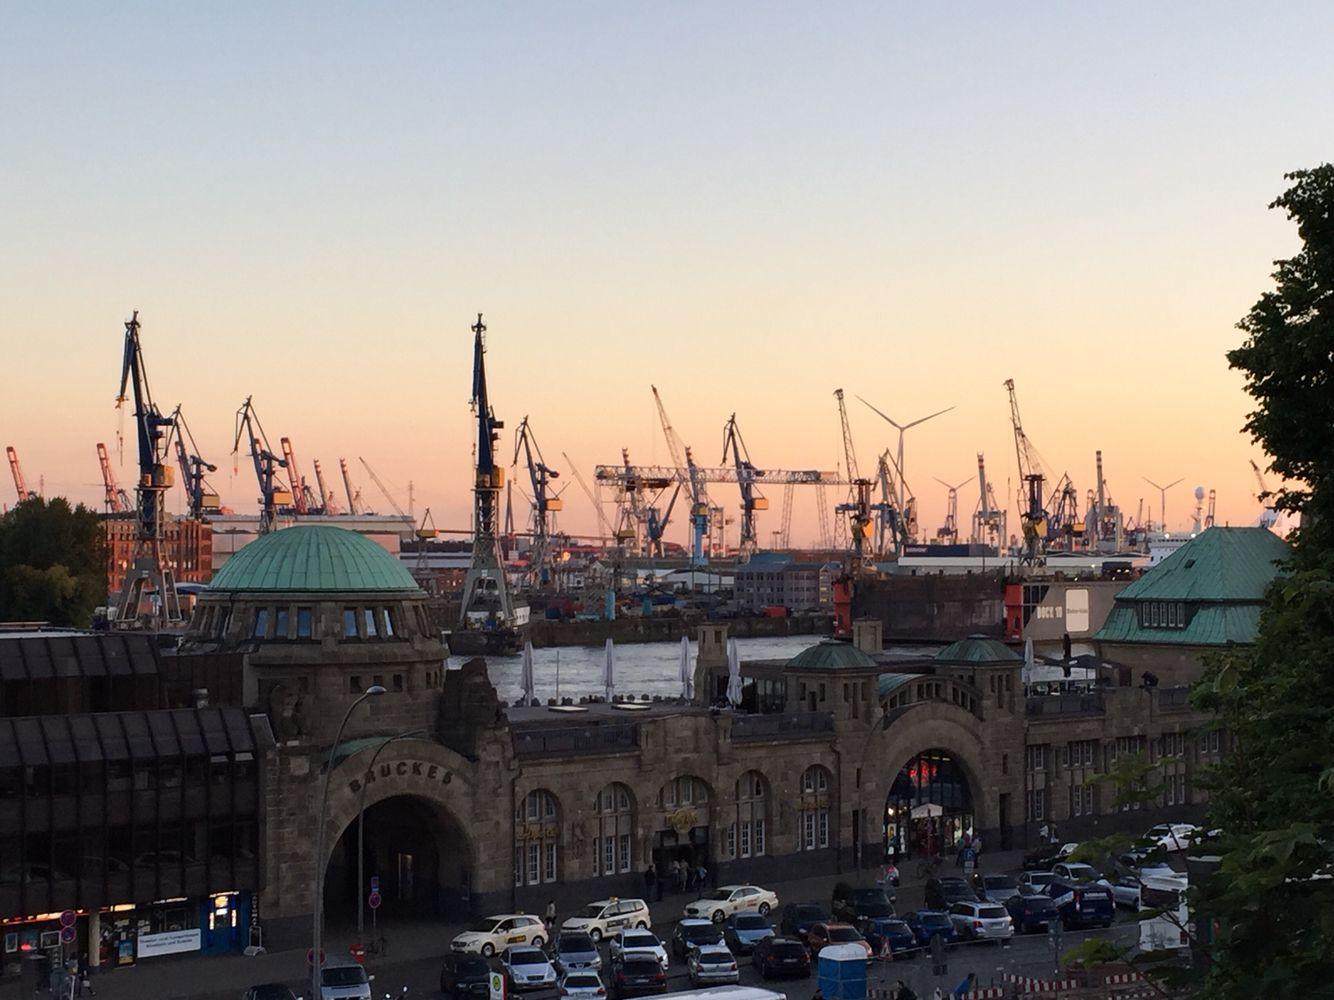 Hamburg mit Blick auf den Hafen und die Landungsbrücken im Sonnenuntergang! Der Weg die Treppen zur Aussichtsplattform lohnt sich!